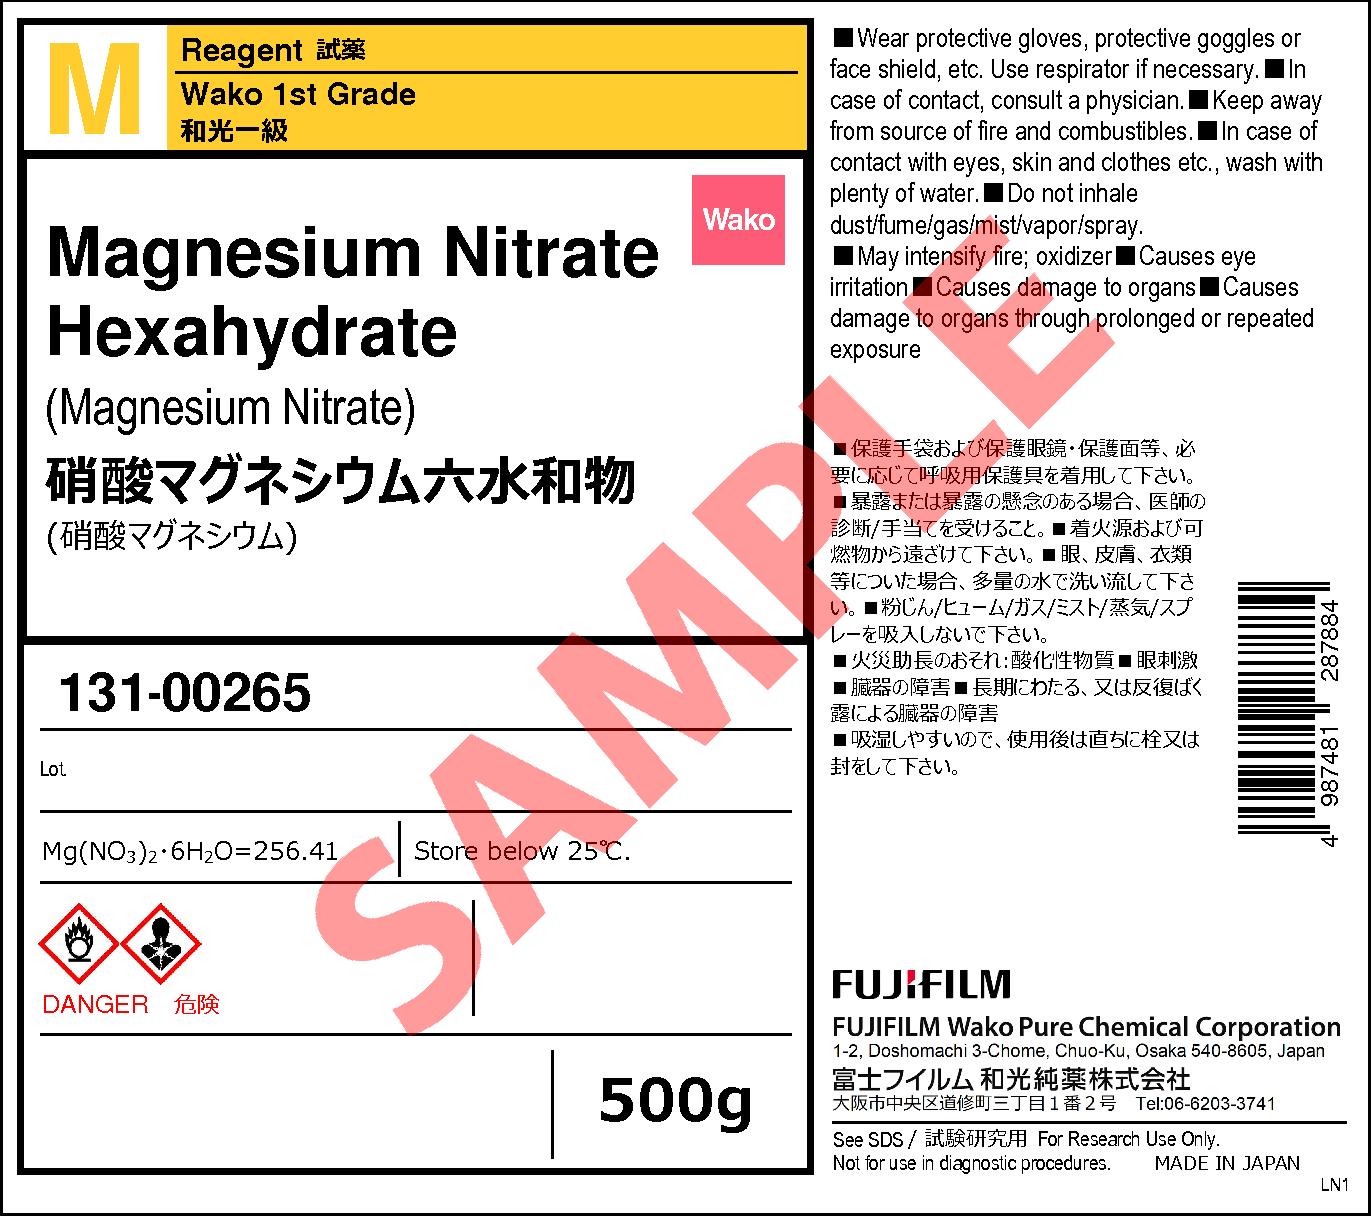 硝酸 マグネシウム